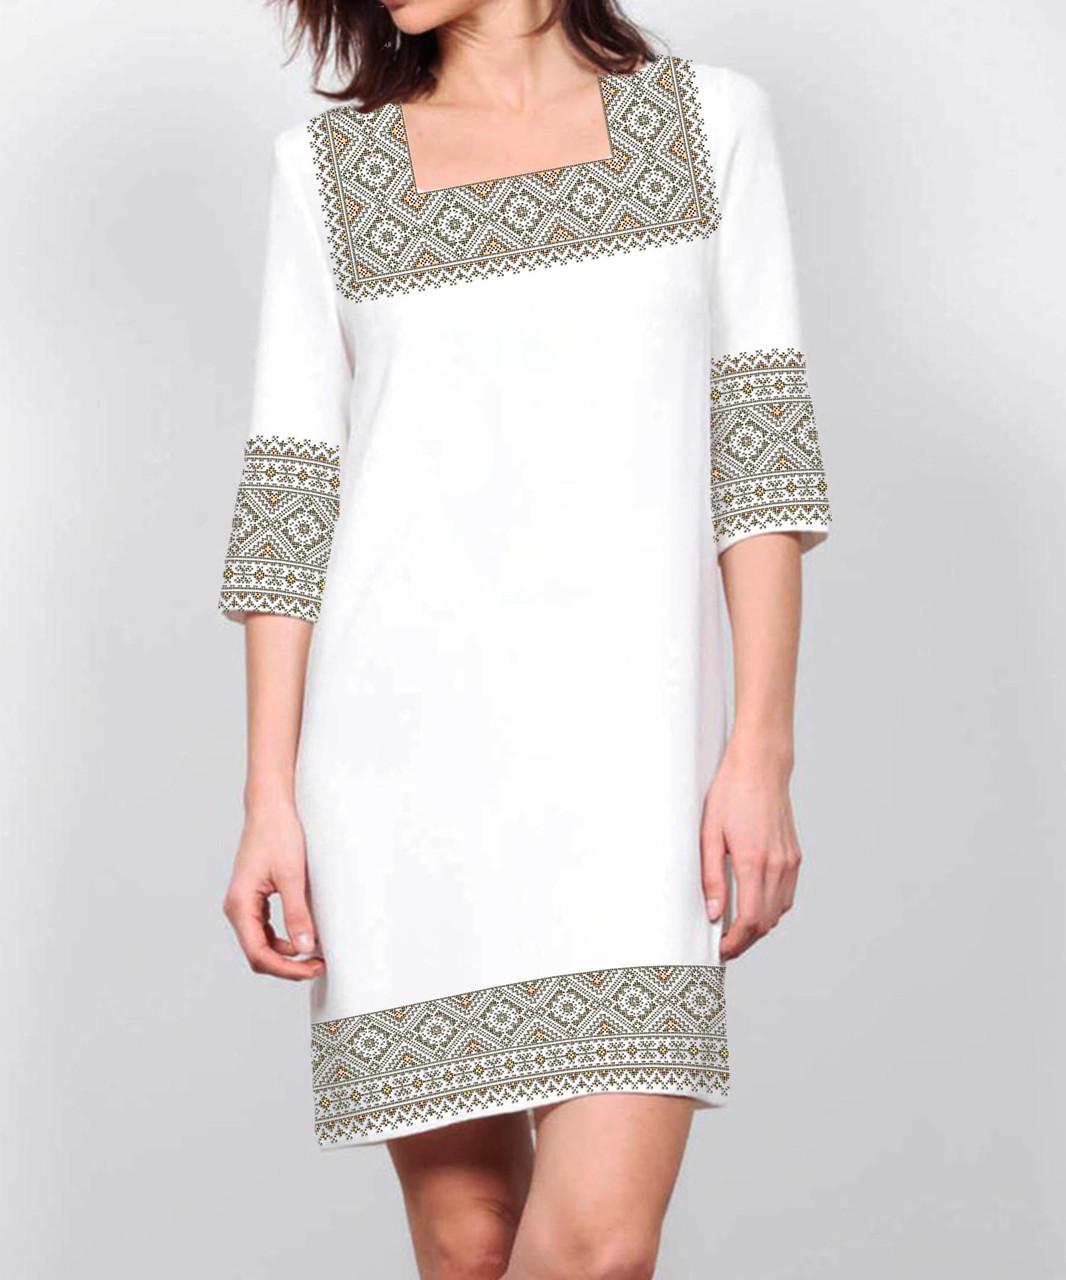 Заготовка жіночого плаття чи сукні для вишивки та вишивання бісером Бисерок  «Коричневий орнамент 72» (П-72-К  )